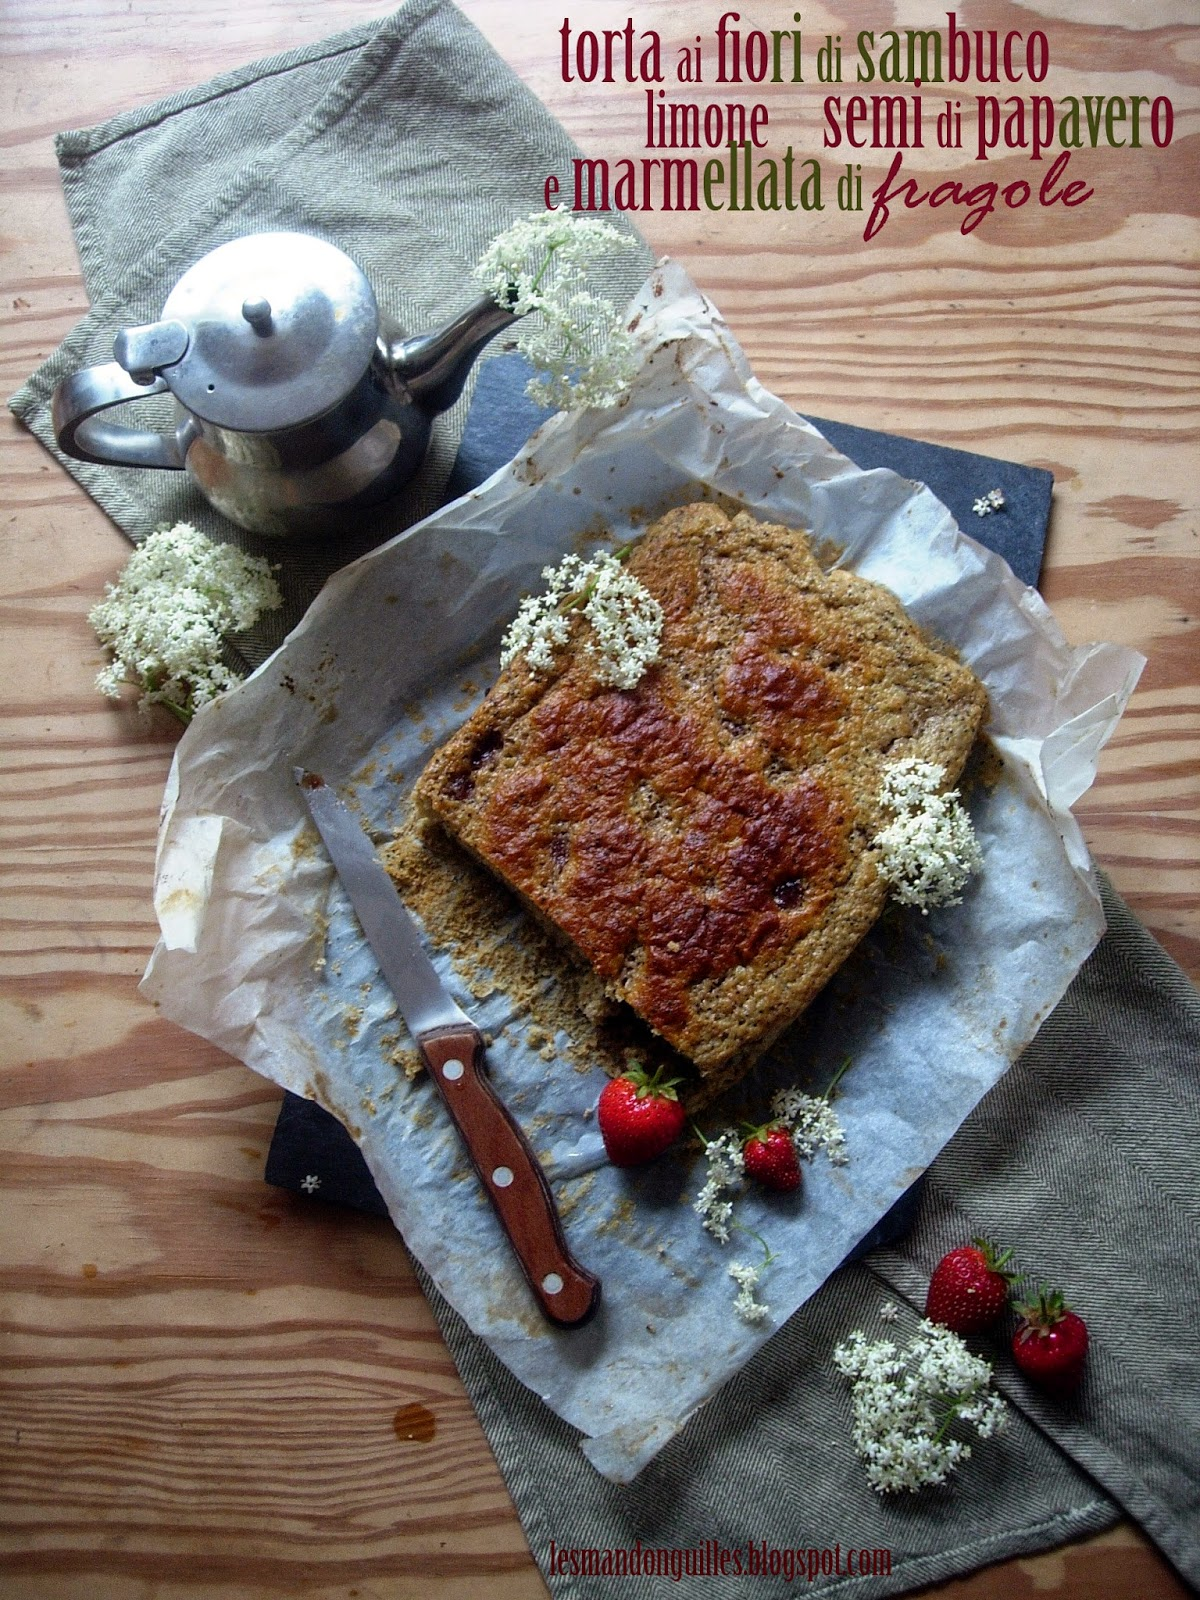 torta ai fiori di sambuco, limone, semi di papavero e marmellata di fragole